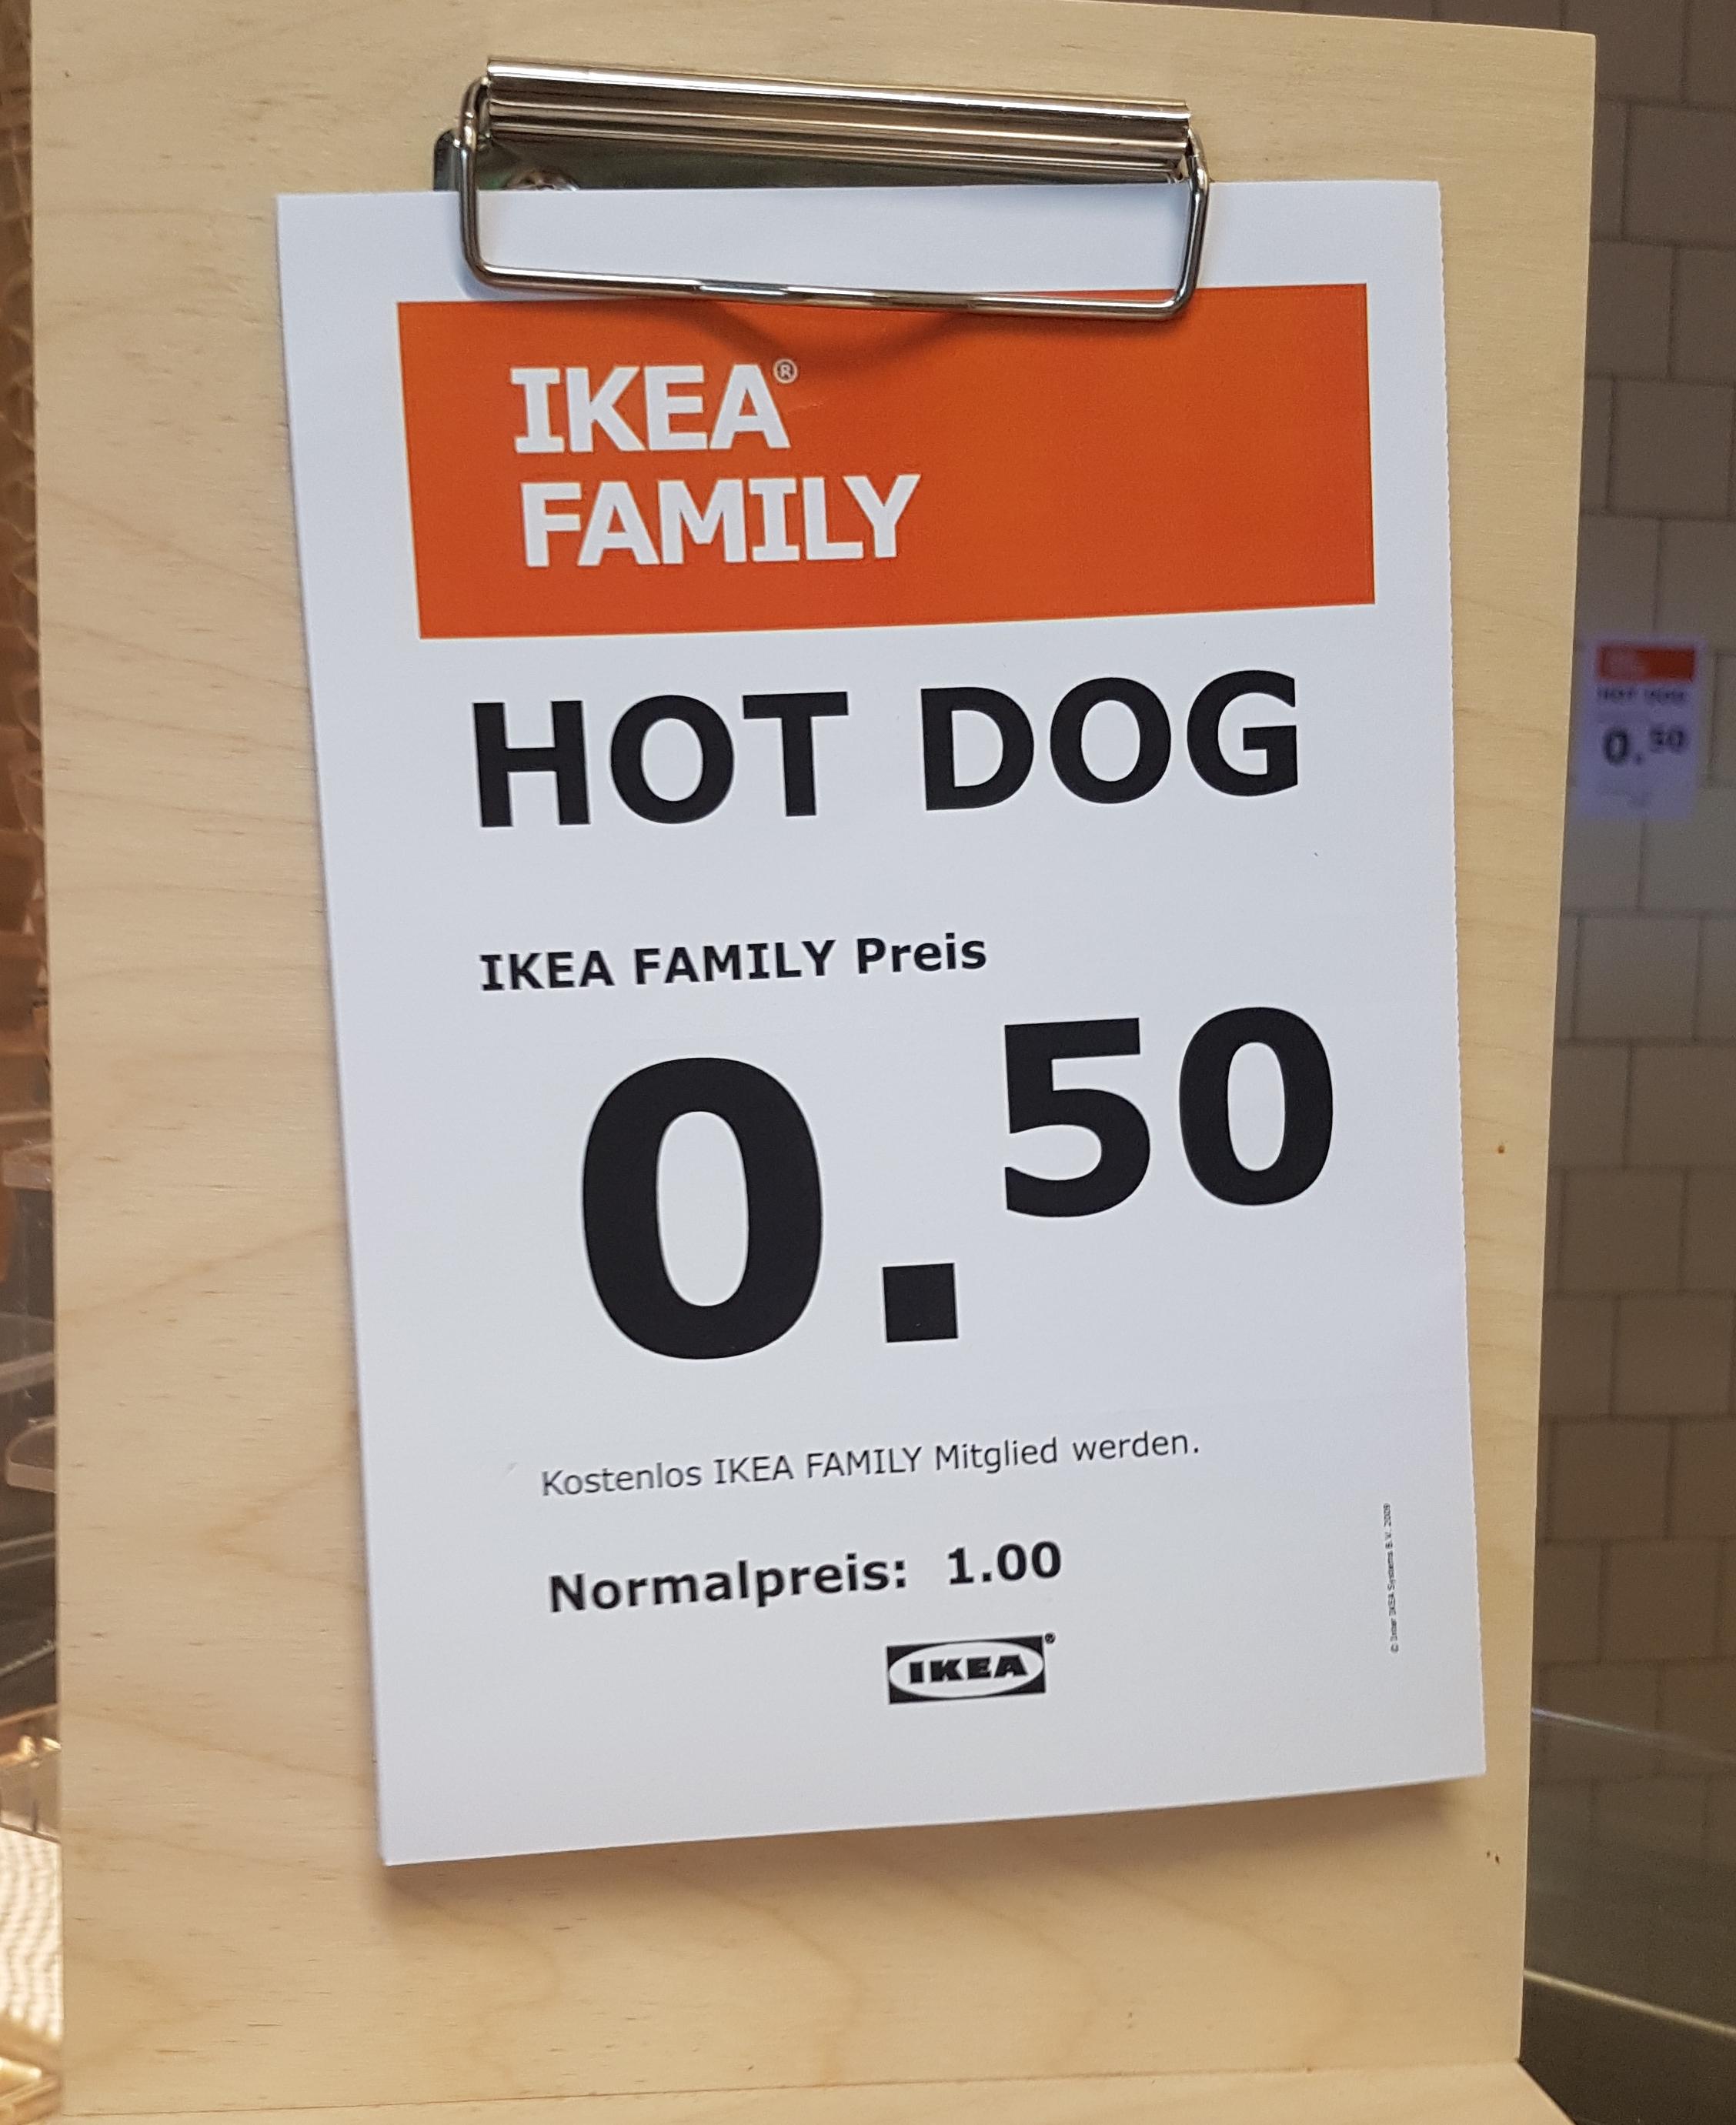 [Lokal][Ikea Family] Hotdog und großes Softeis | IKEA Kaiserslautern